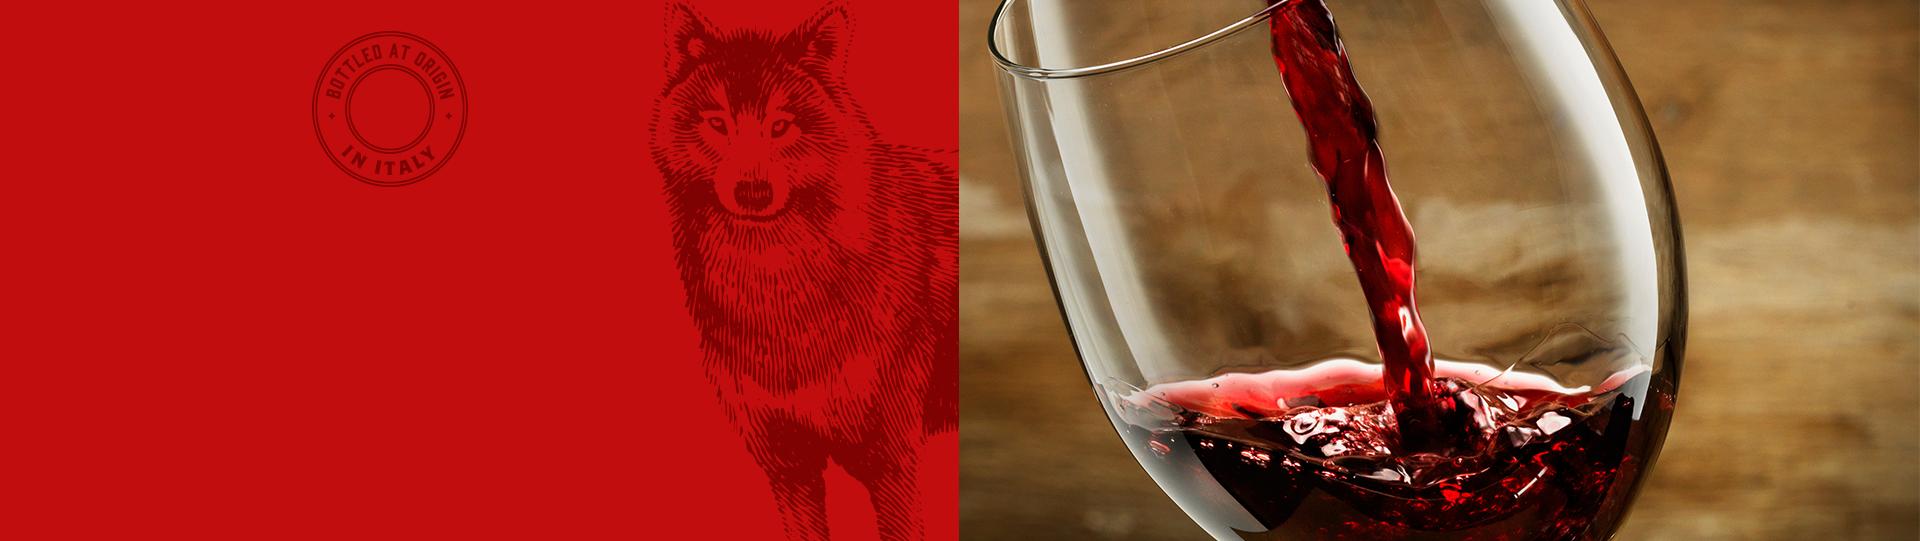 Tussock Jumper Wines - Italy - Nero d'Avola